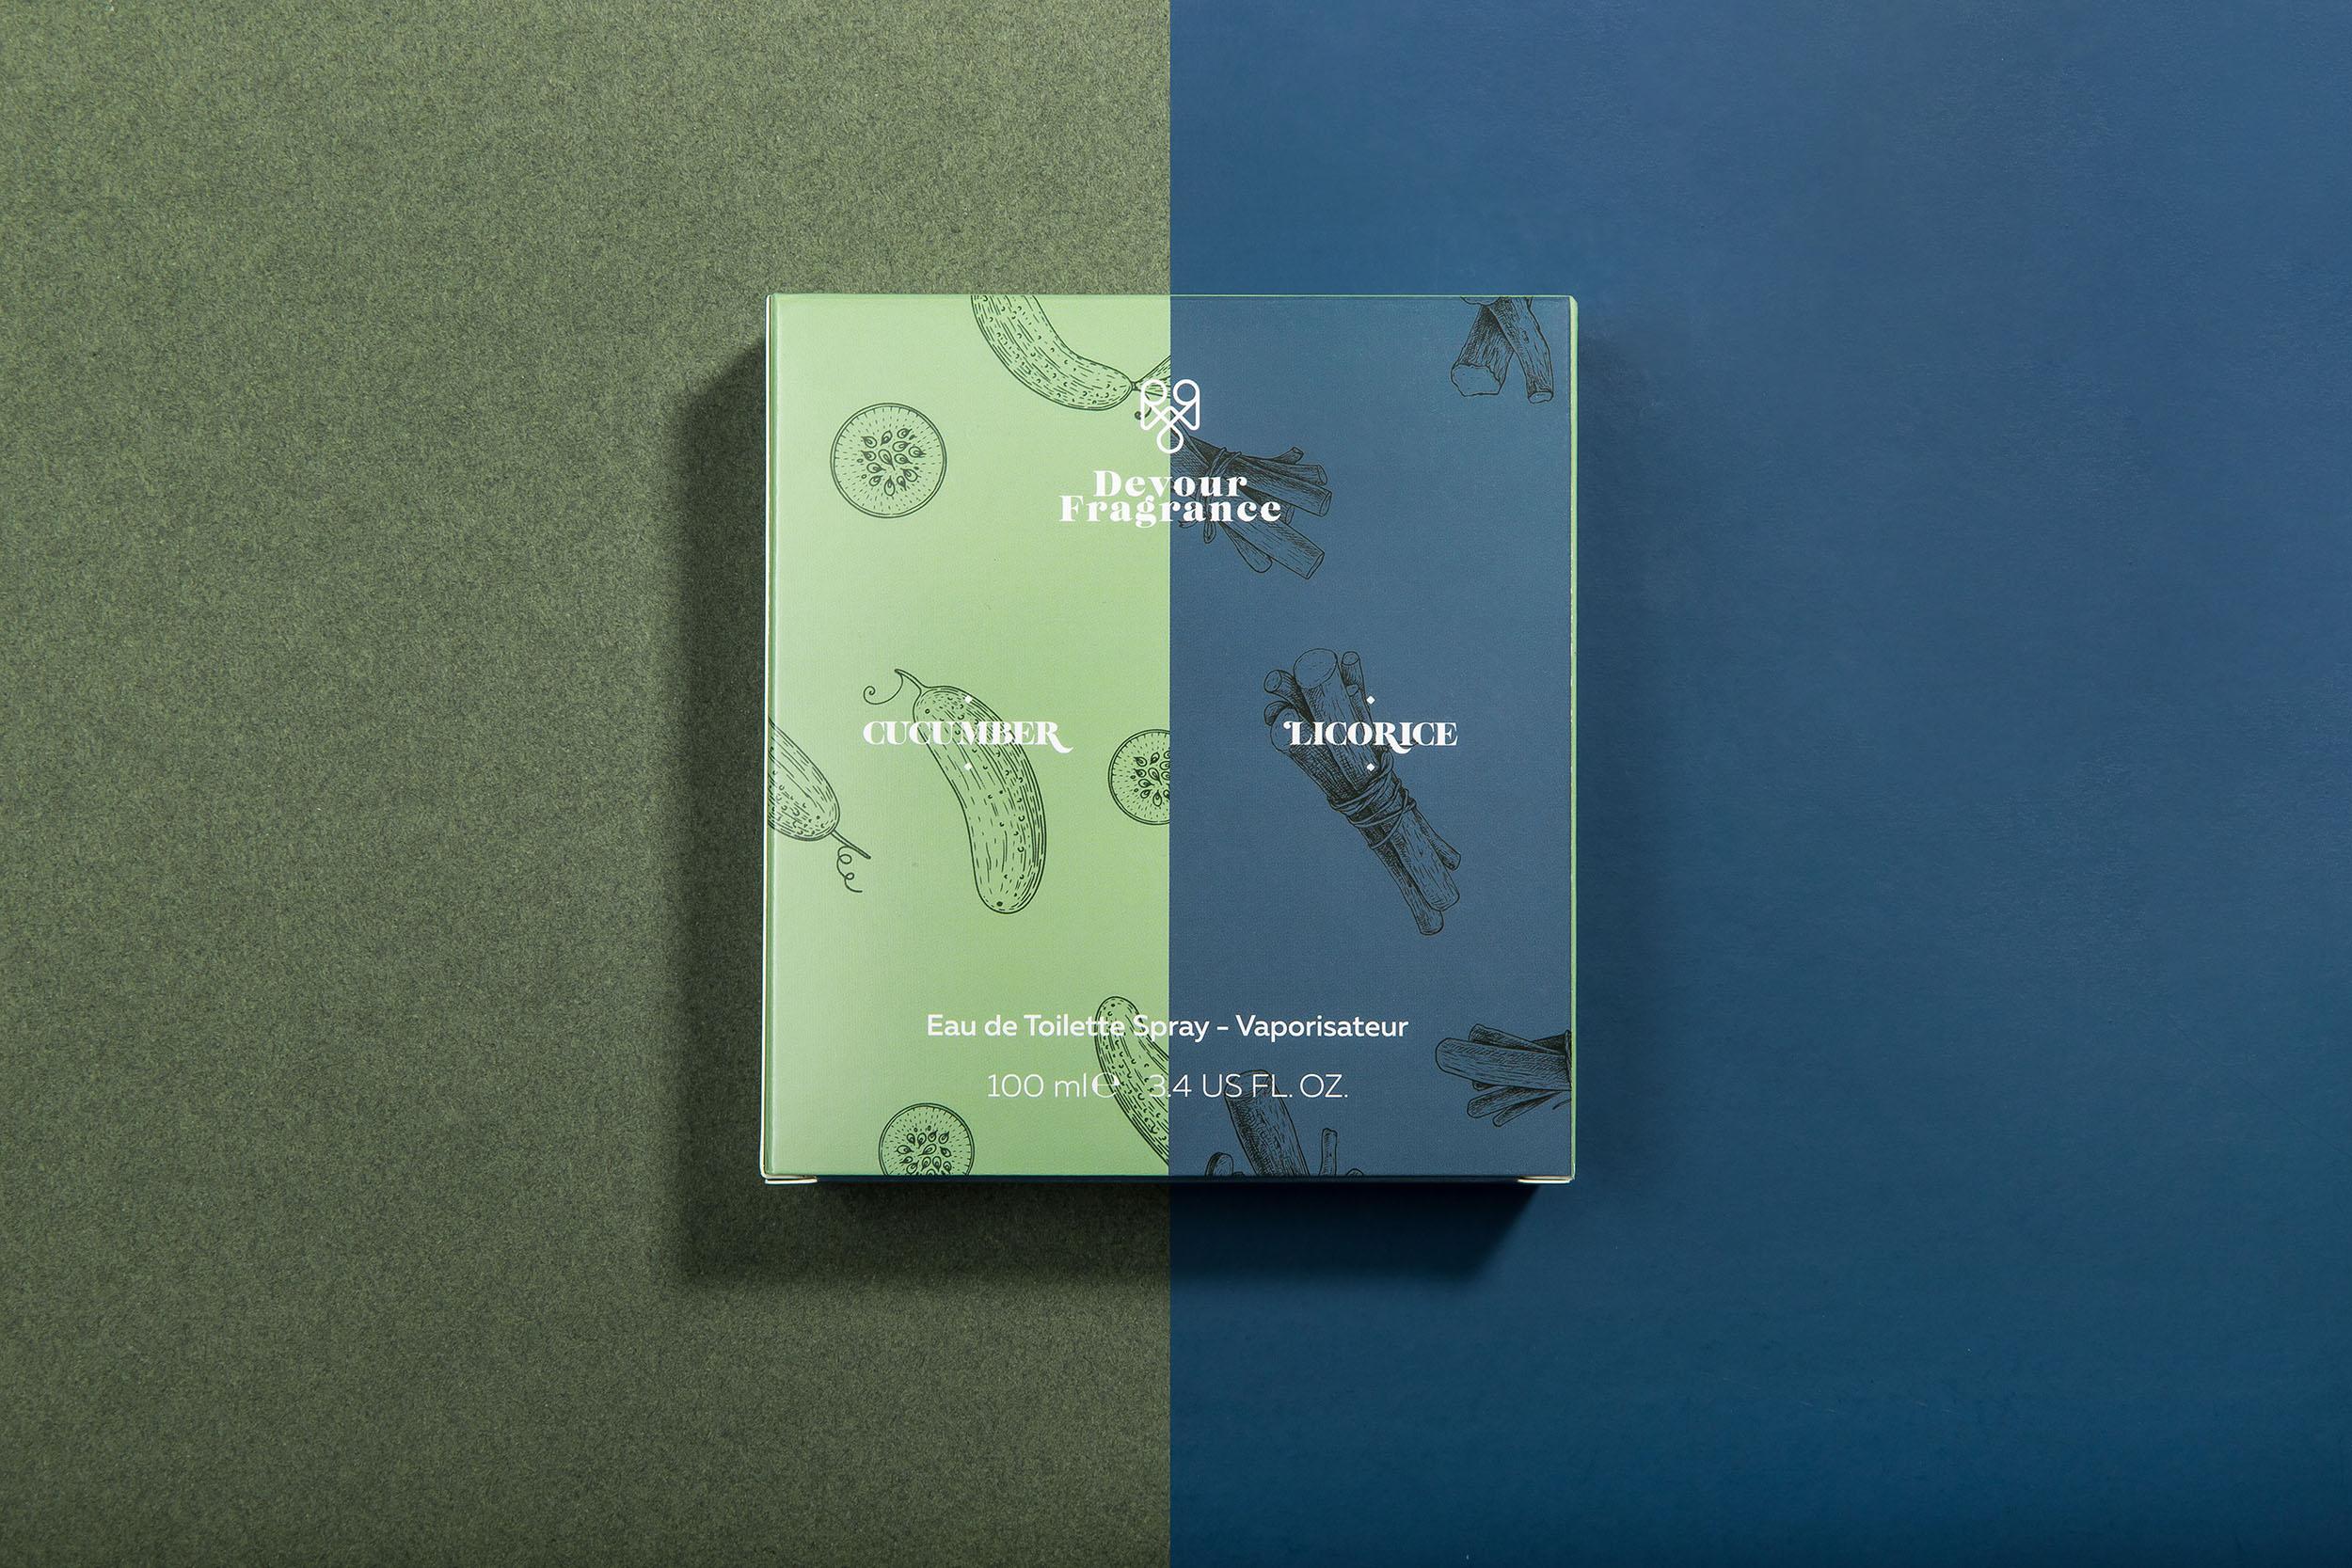 упаковка в маркетинге продукта